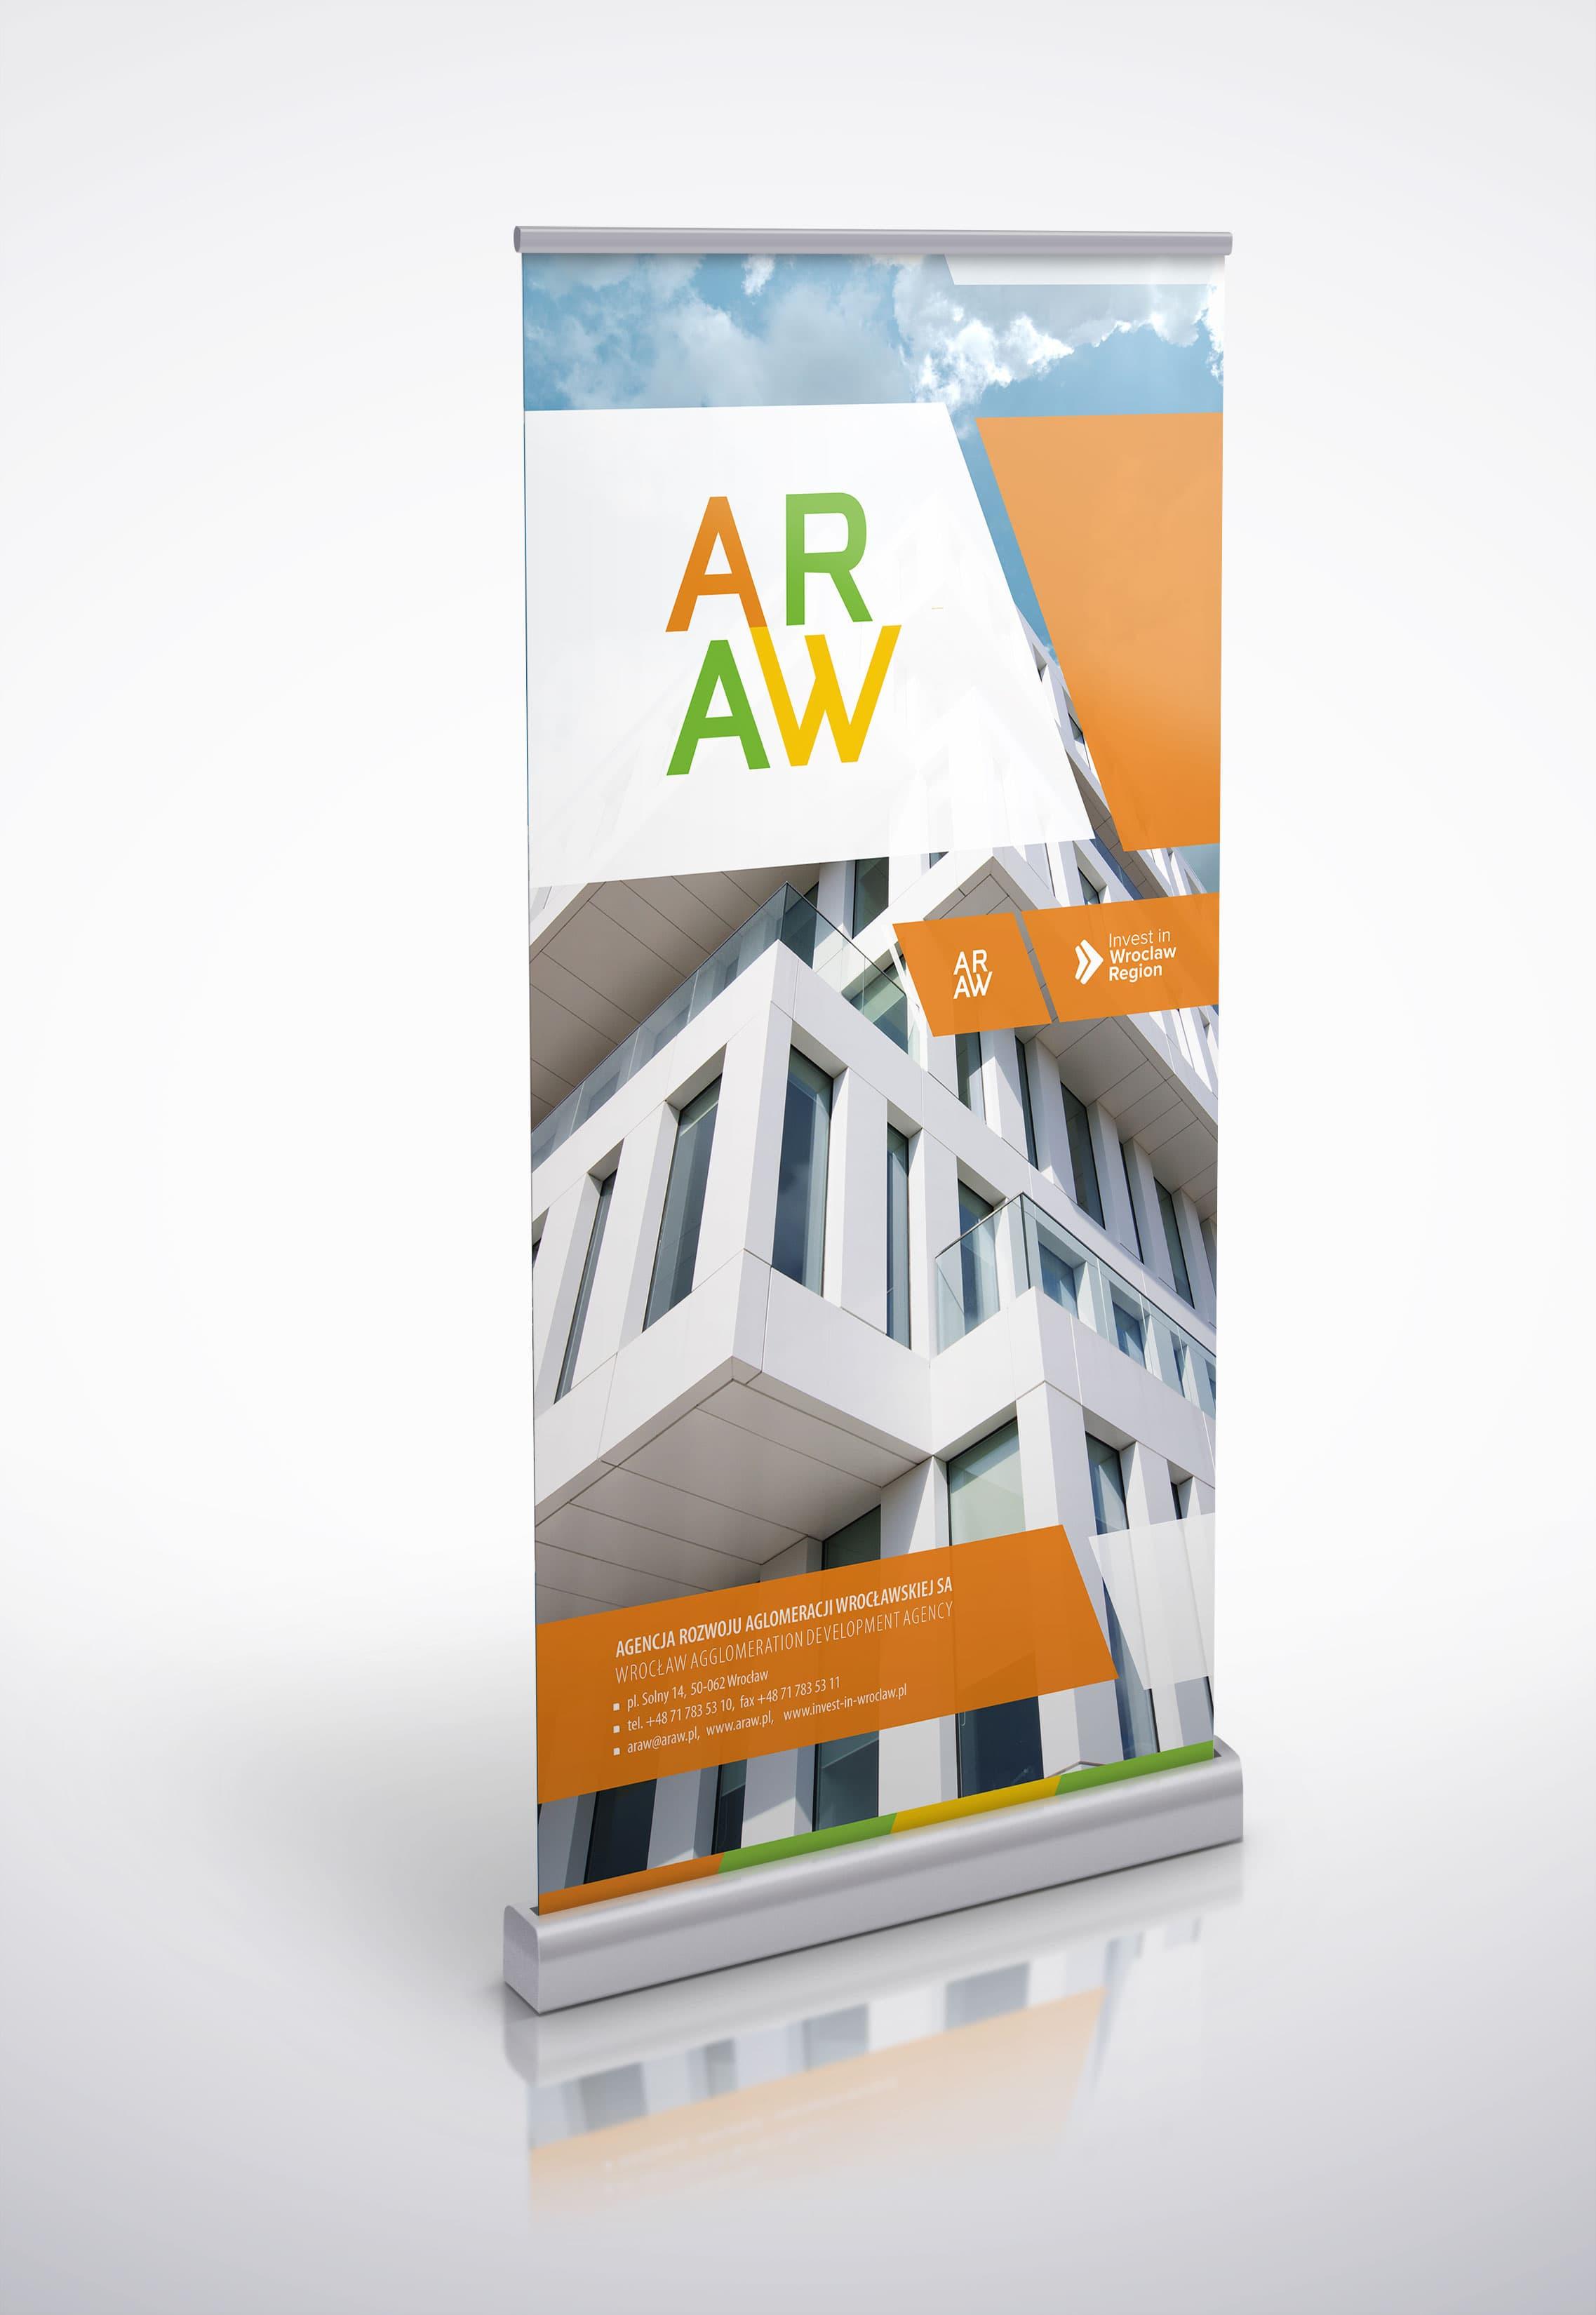 araw-projekt-roll-up-araw